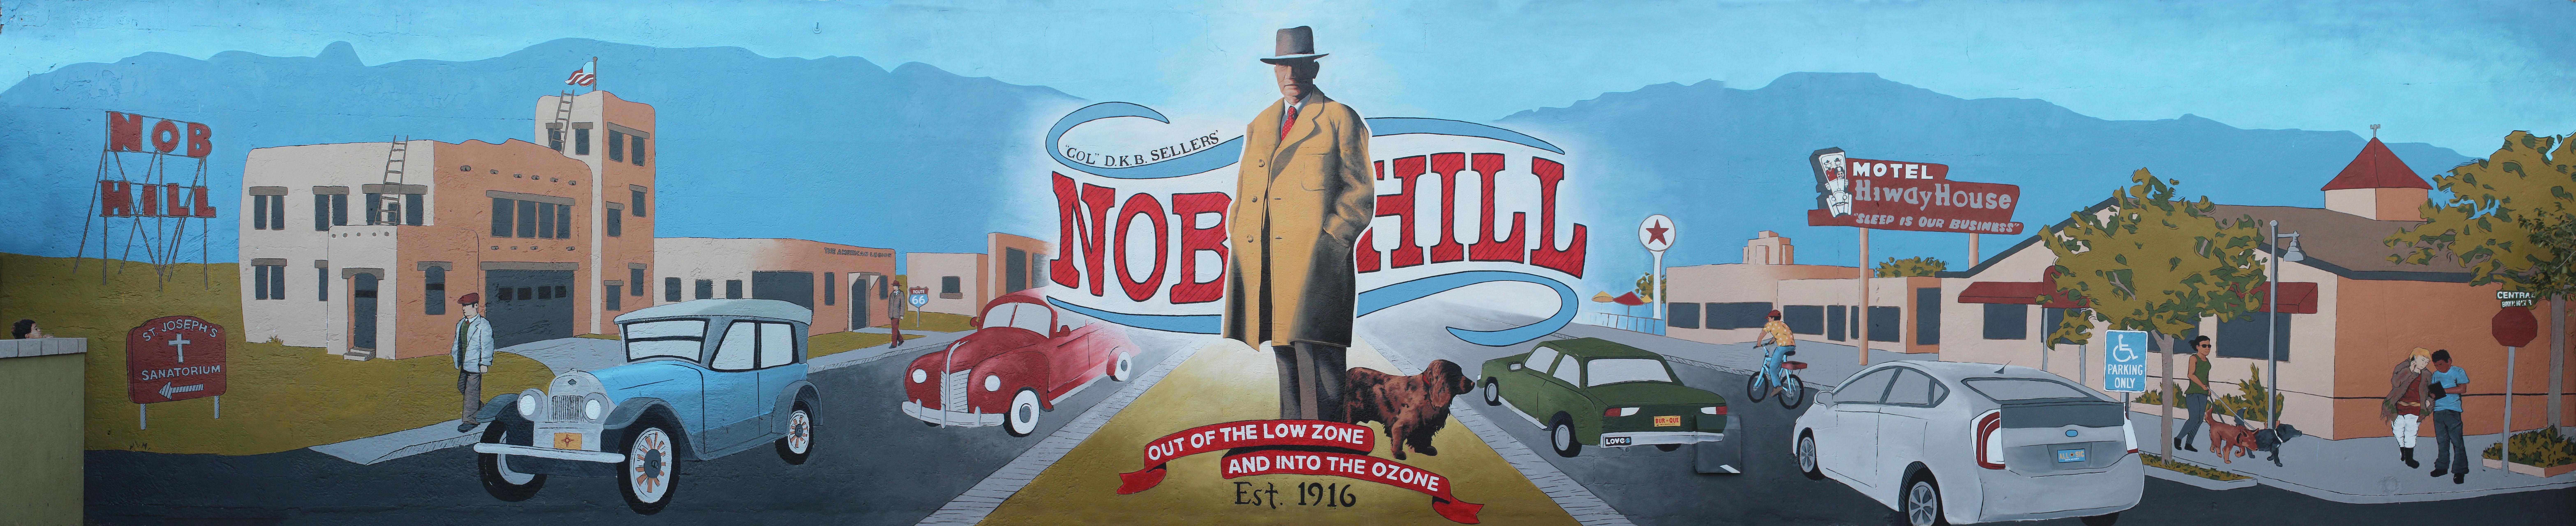 Support Nob Hill